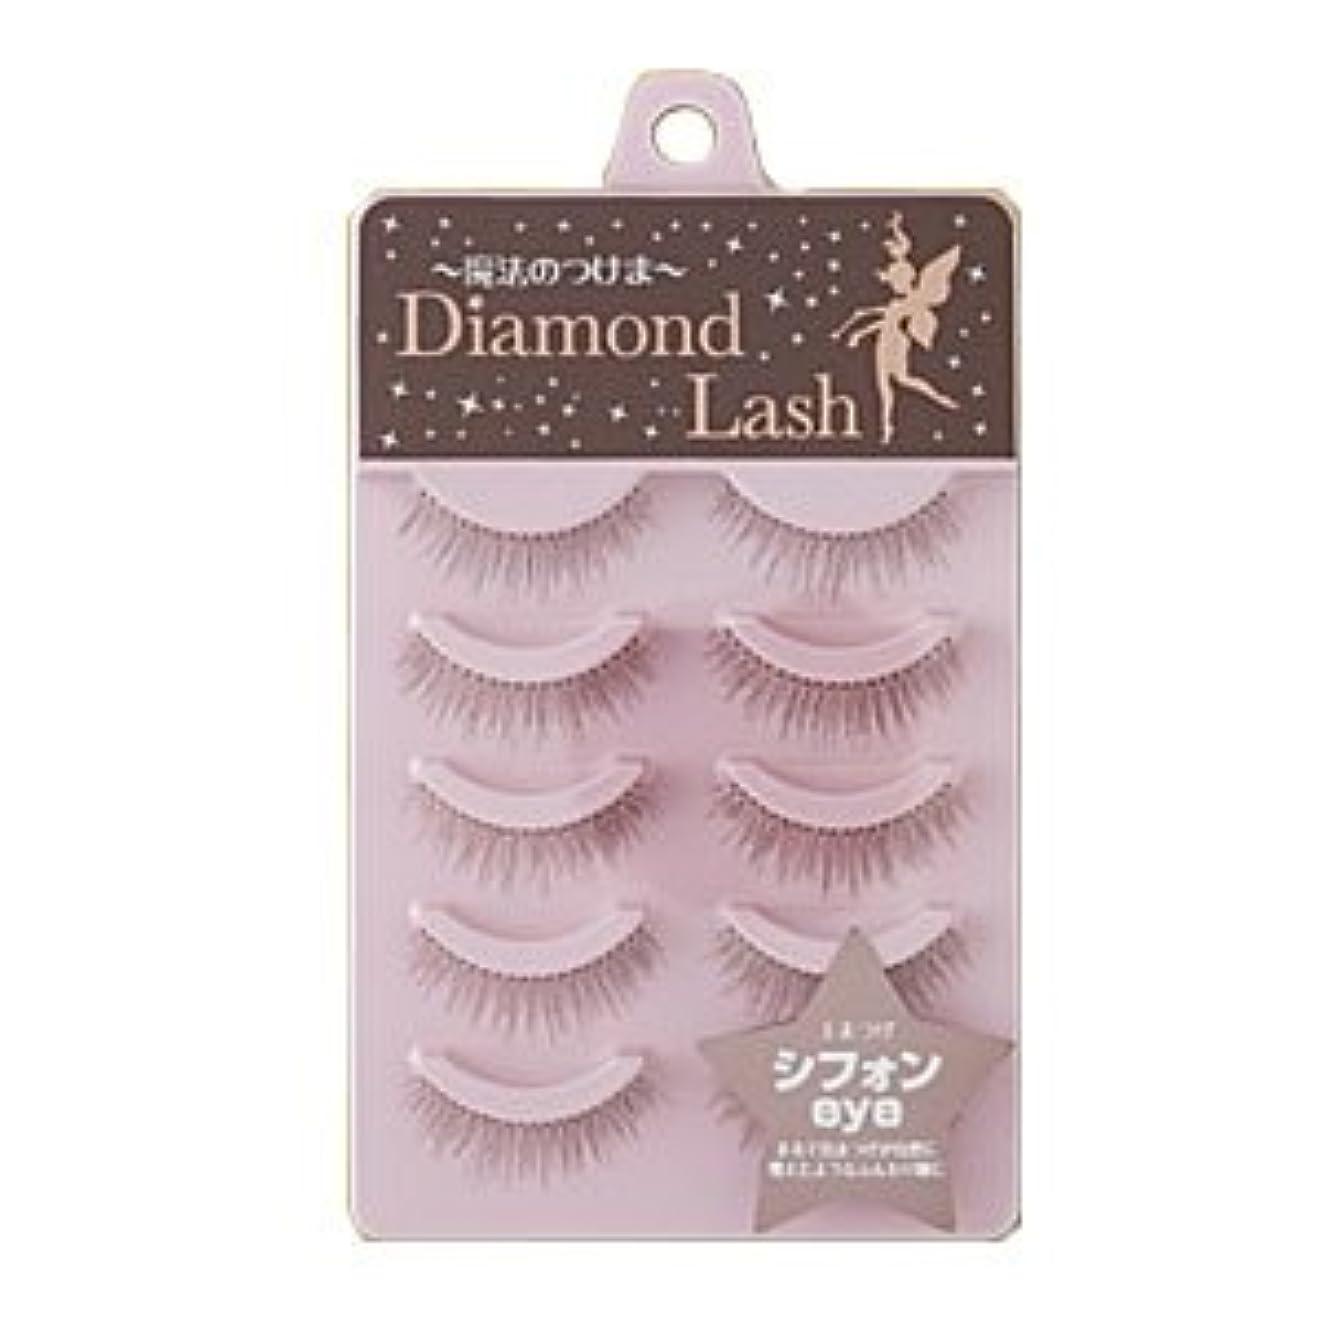 興奮する人工コックダイヤモンドラッシュ Diamond Lash つけまつげ リッチブラウンシリーズ シフォンeye